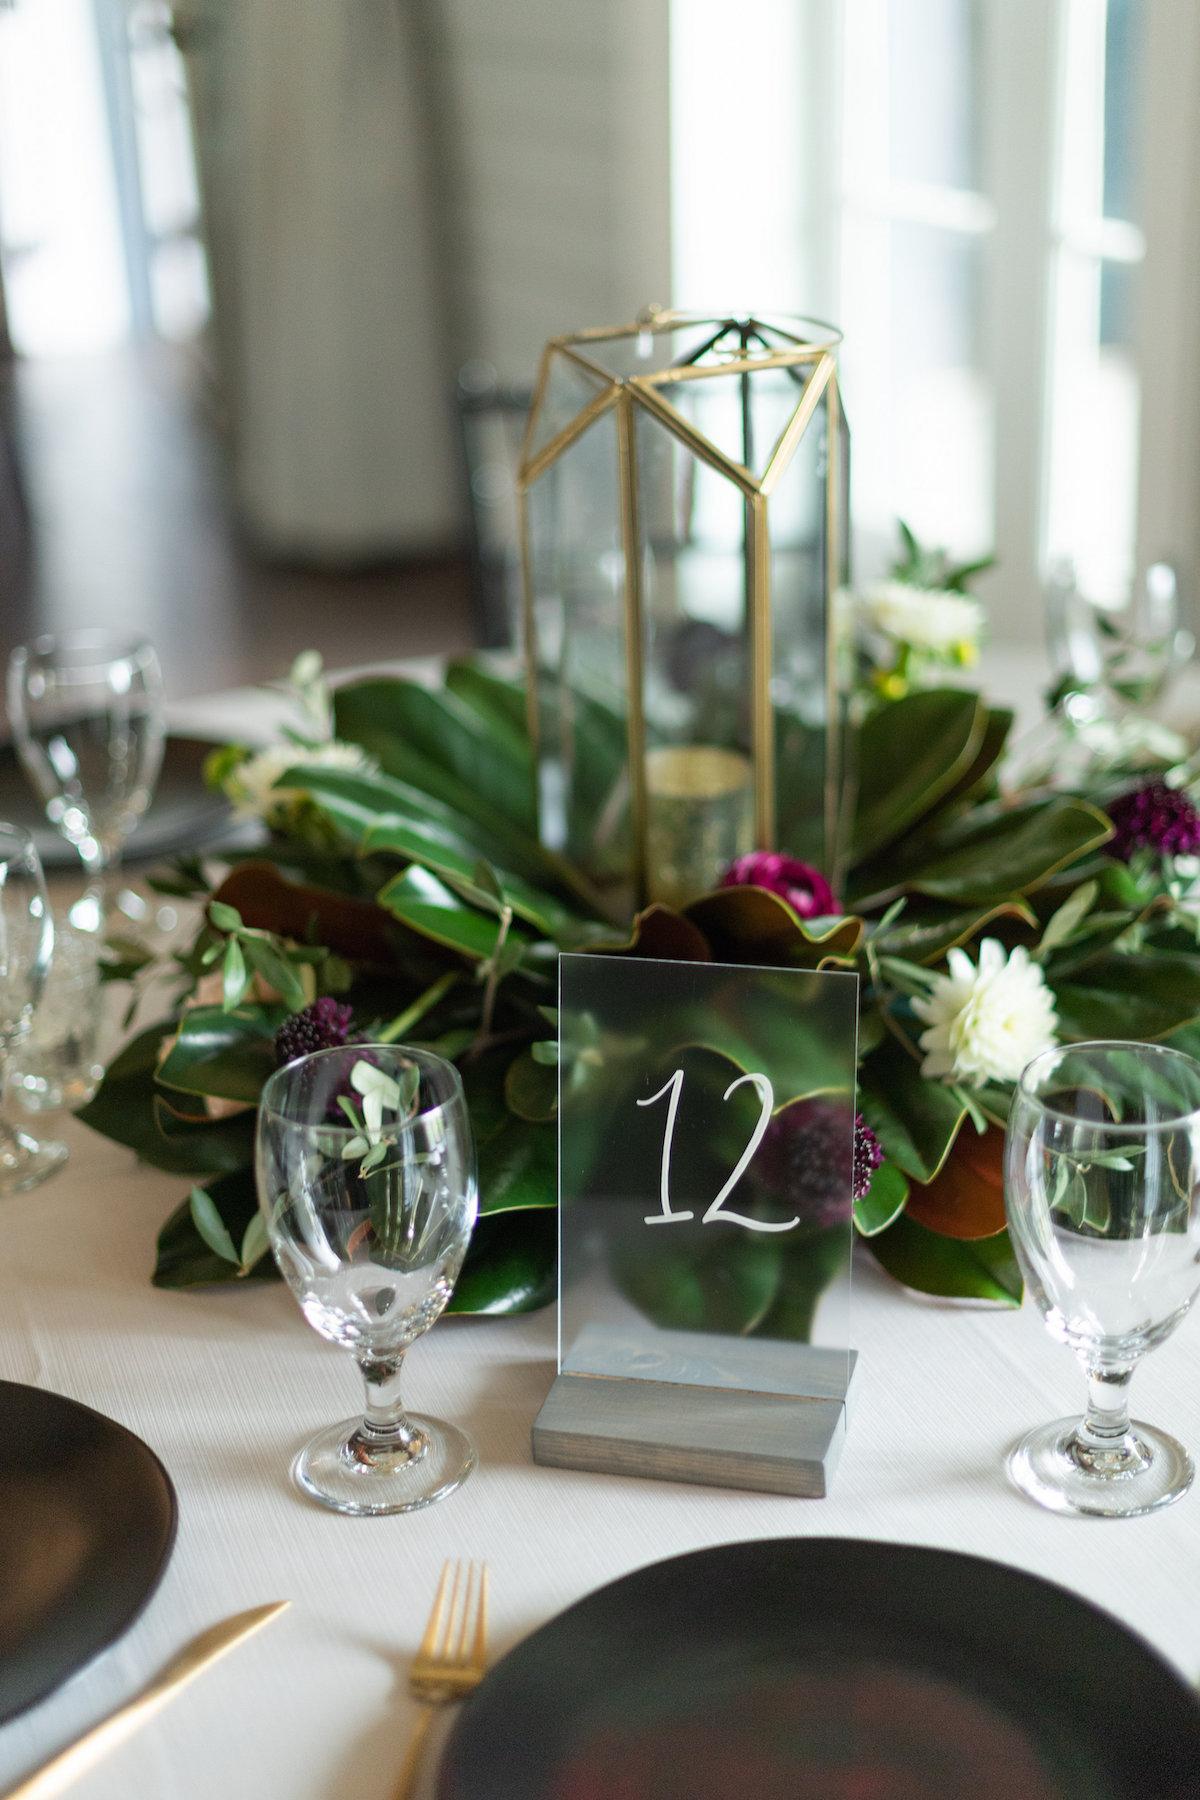 magnolia centerpiece arrangement for modern wedding reception